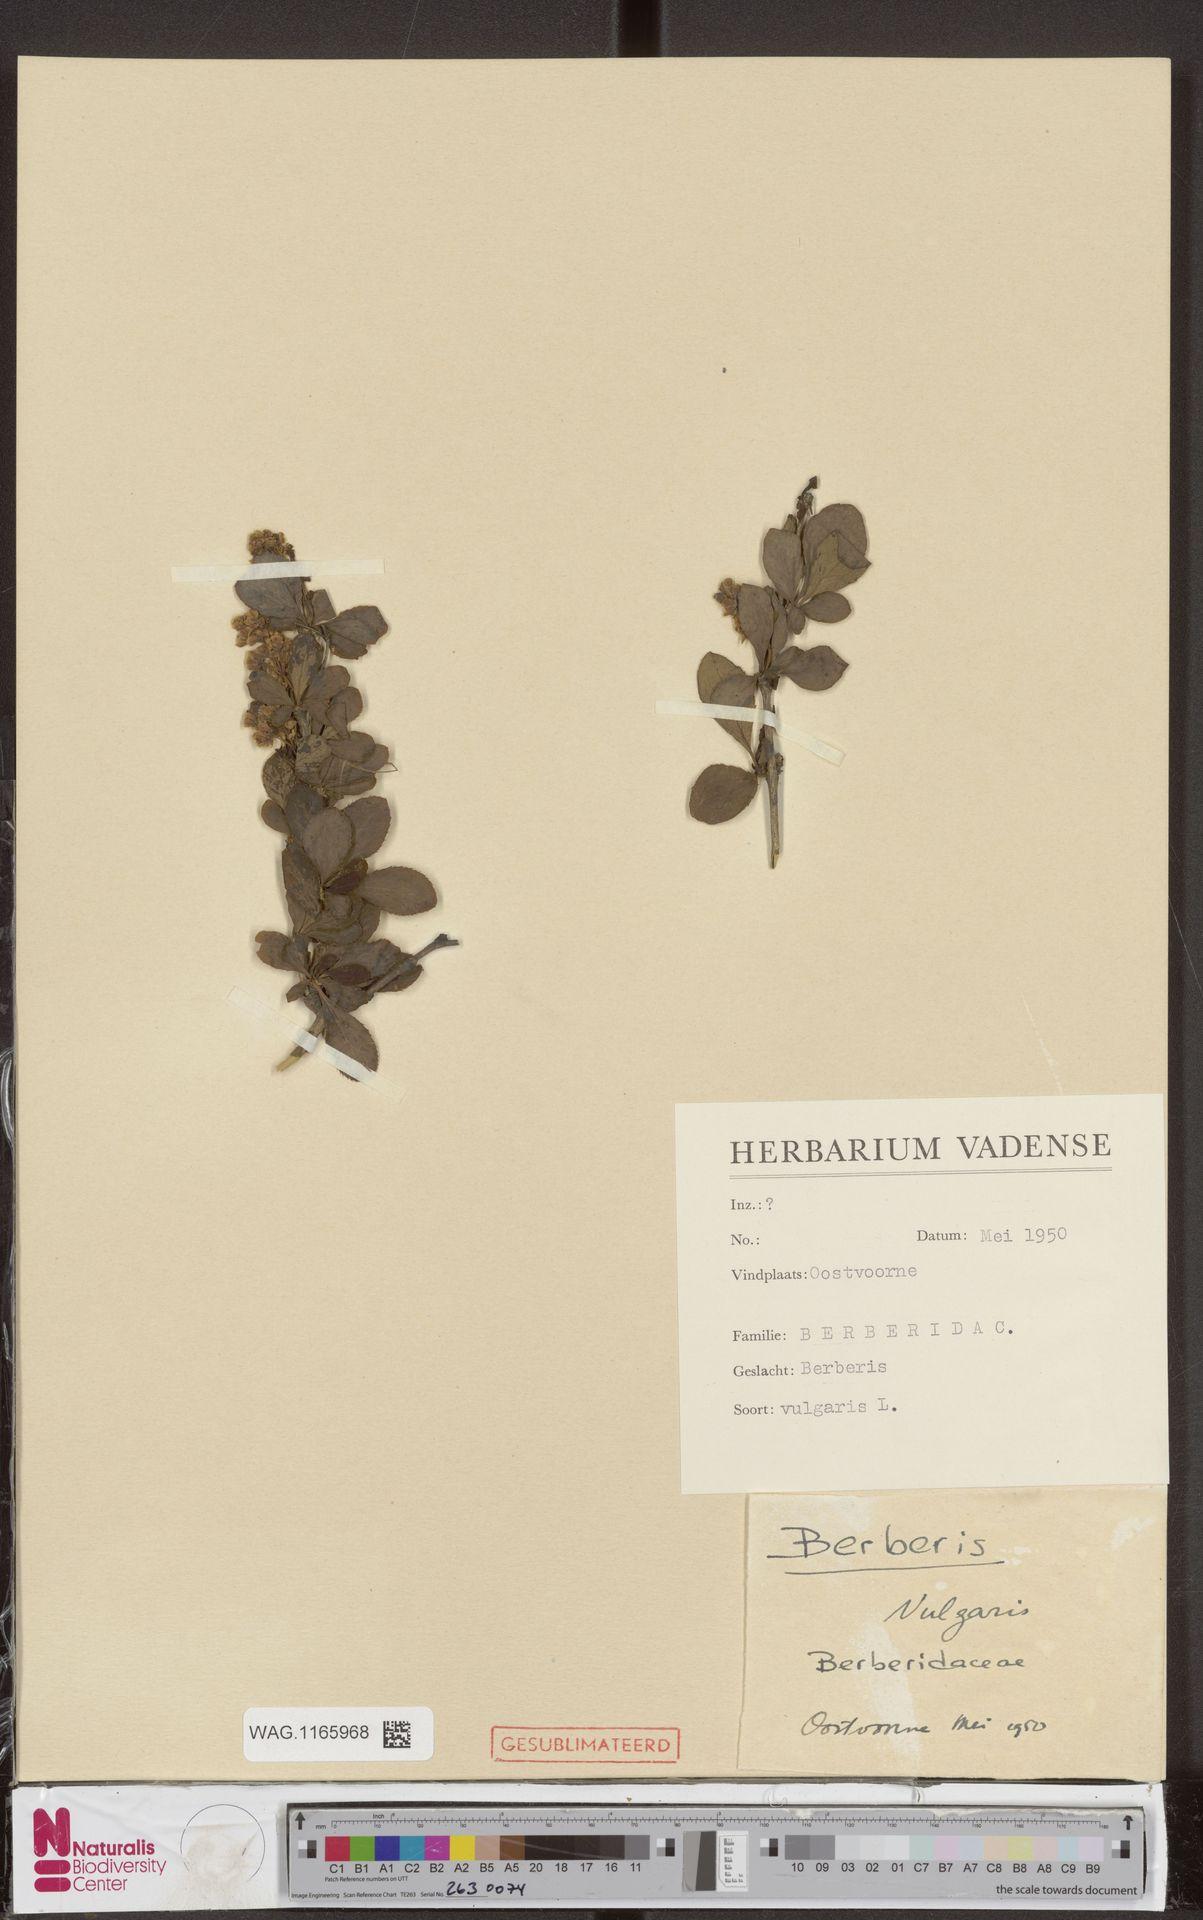 WAG.1165968 | Berberis vulgaris L.